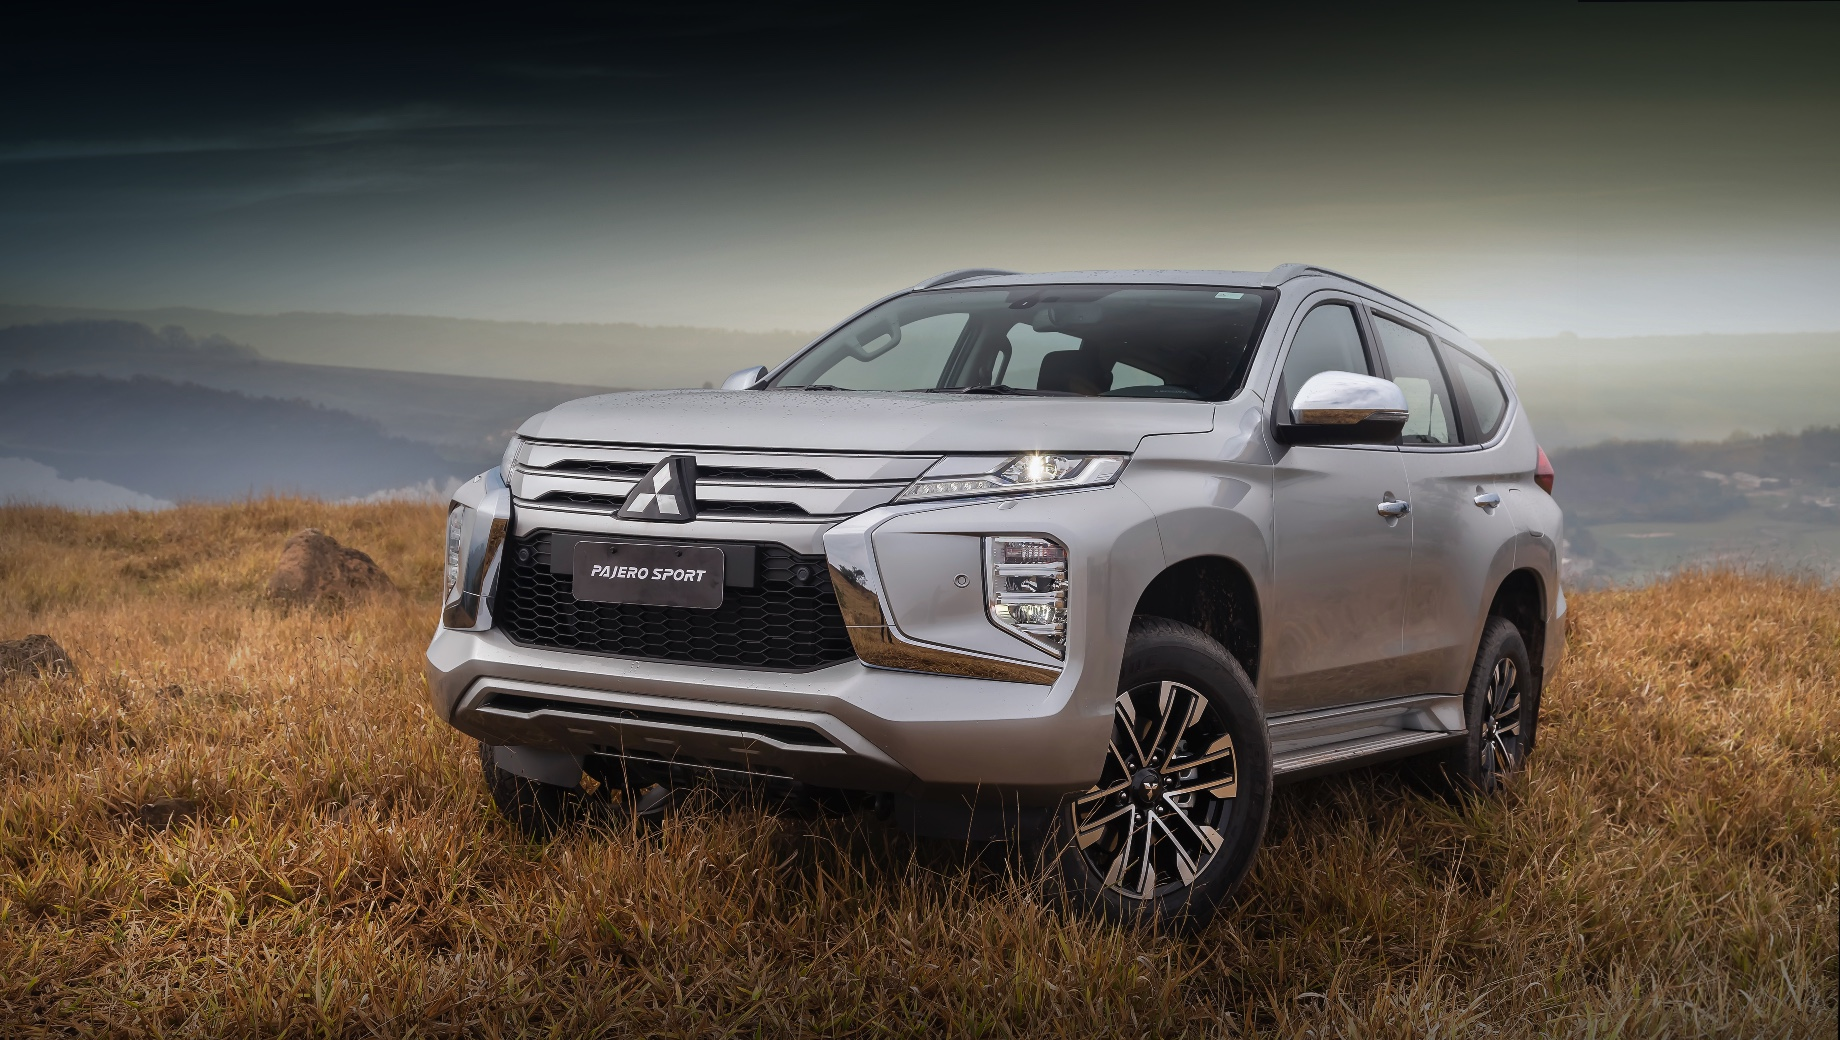 Mitsubishi pajero sport. Турбодизельный Pajero Sport ускоряется до сотни за 11,4–12,3 с в зависимости от коробки передач, а бензиновый — за 11,7 с. Максимальная скорость почти одинаковая — 180 и 182 км/ч соответственно. Чего не скажешь о расходе топлива: в смешанном цикле 2.4 DI-D потребляет 7,4–8 л/100 км, а V6 3.0 — 10,9.